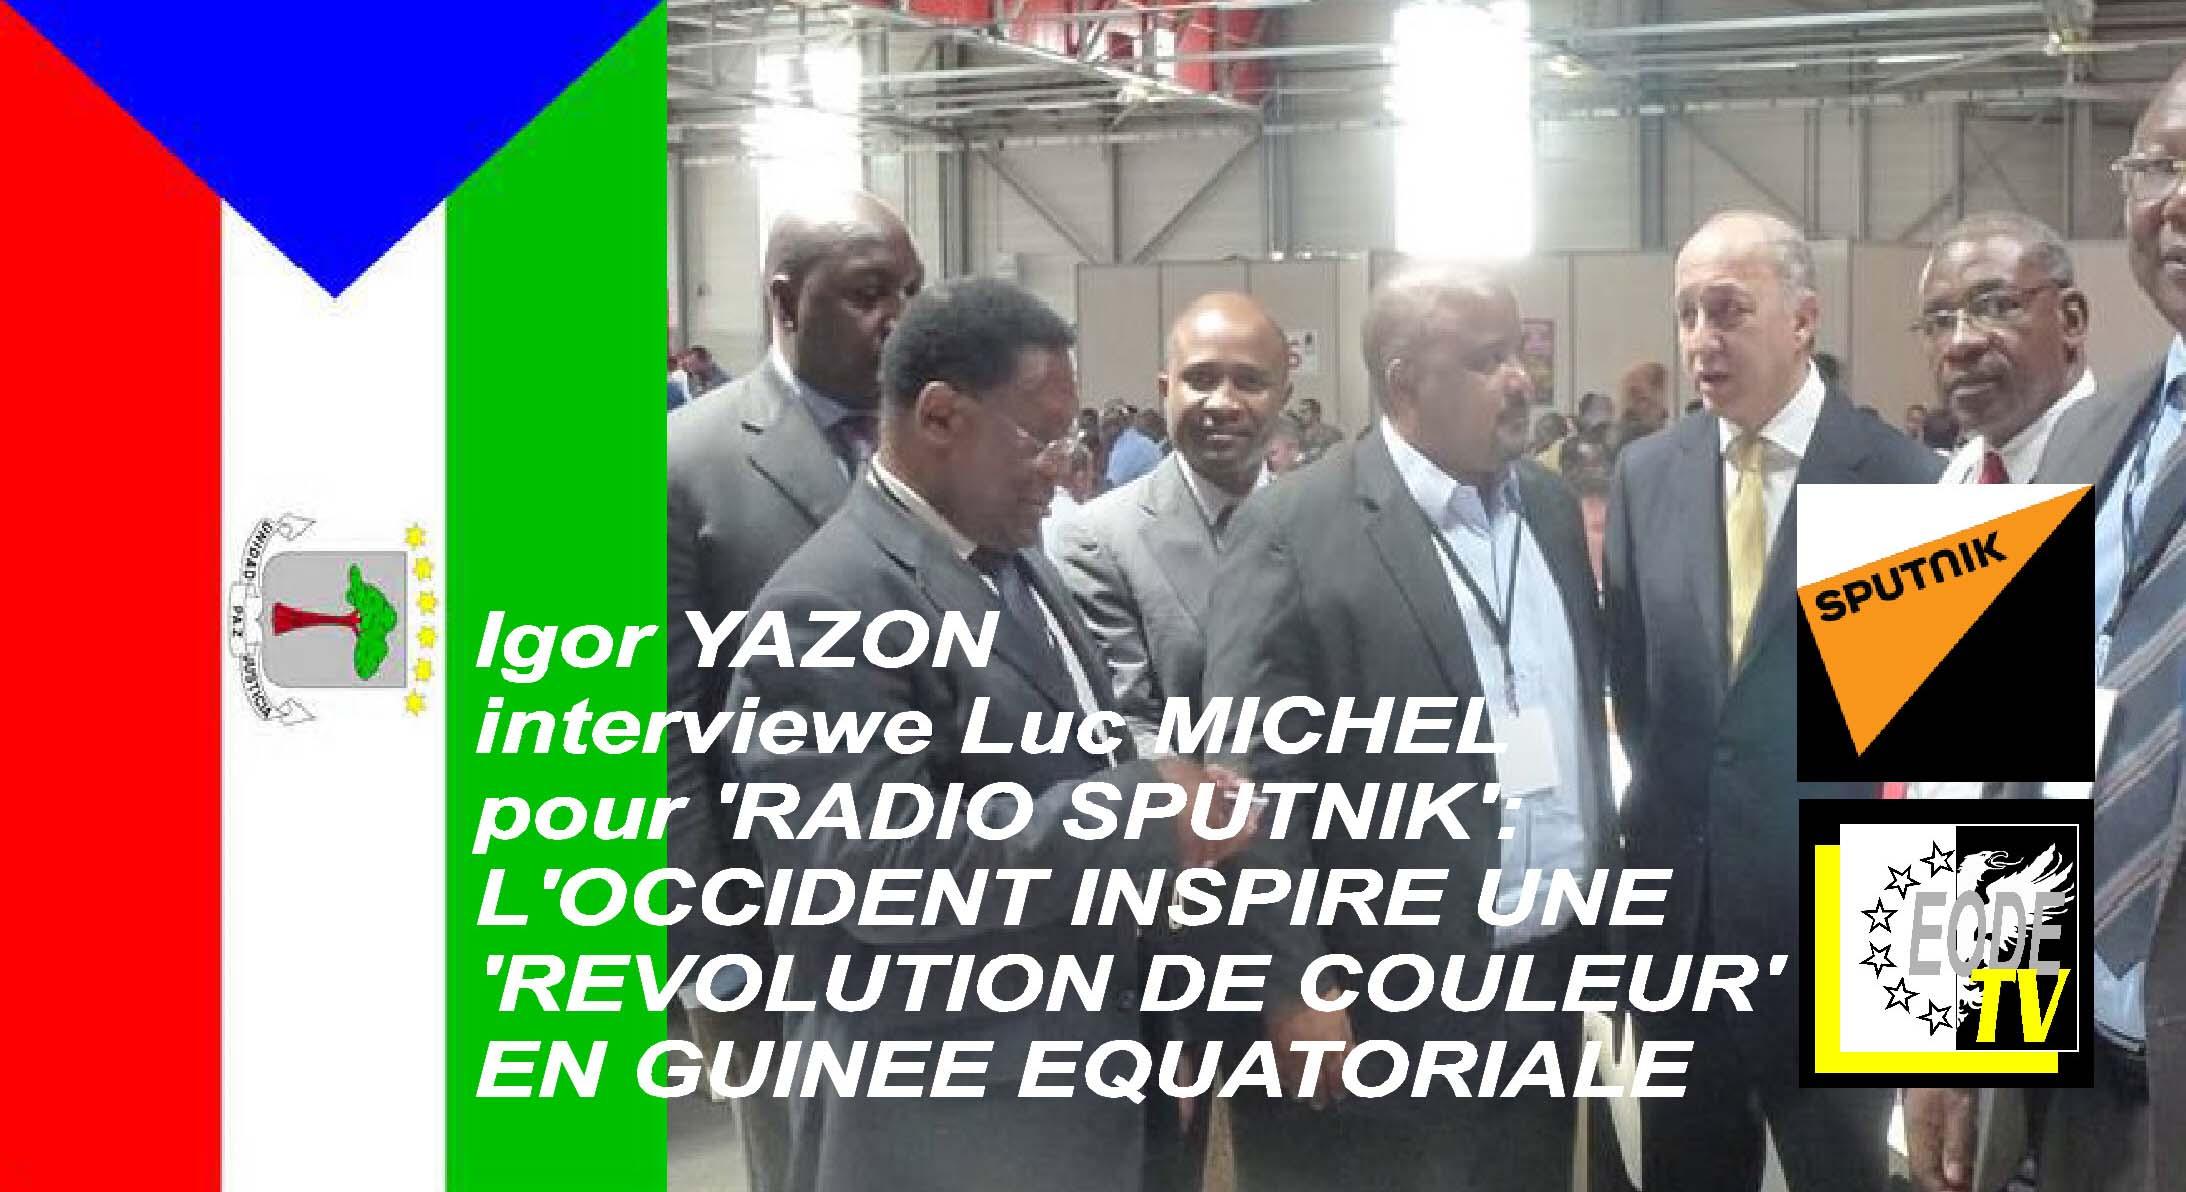 EODE-TV - LM destabilisation Guinee Eq. SPUTNIK.FR (2015 06 27)  FR